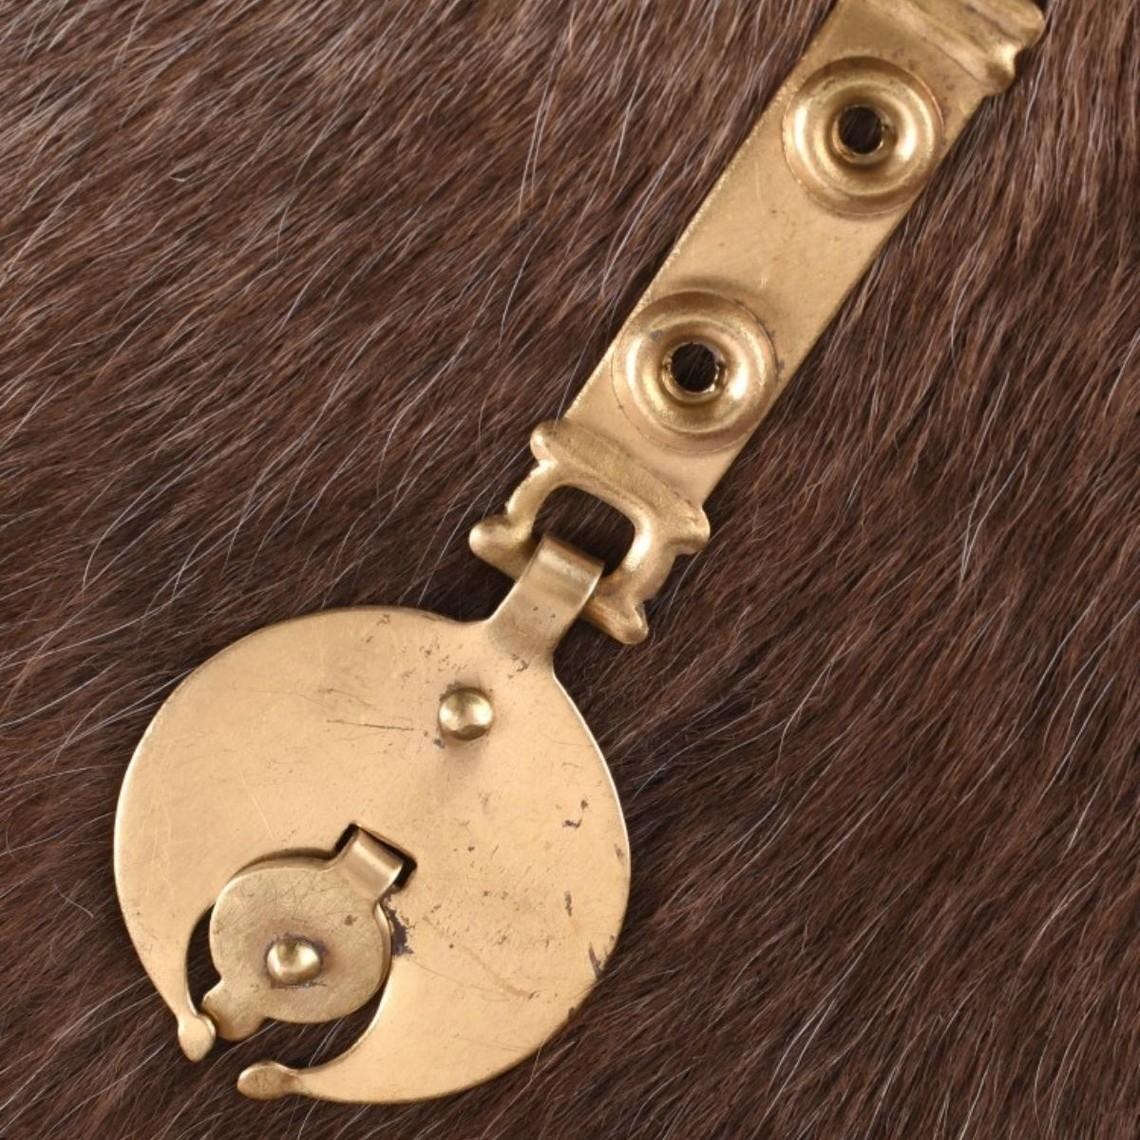 Deepeeka el extremo del cinturón adornado por correas romanas